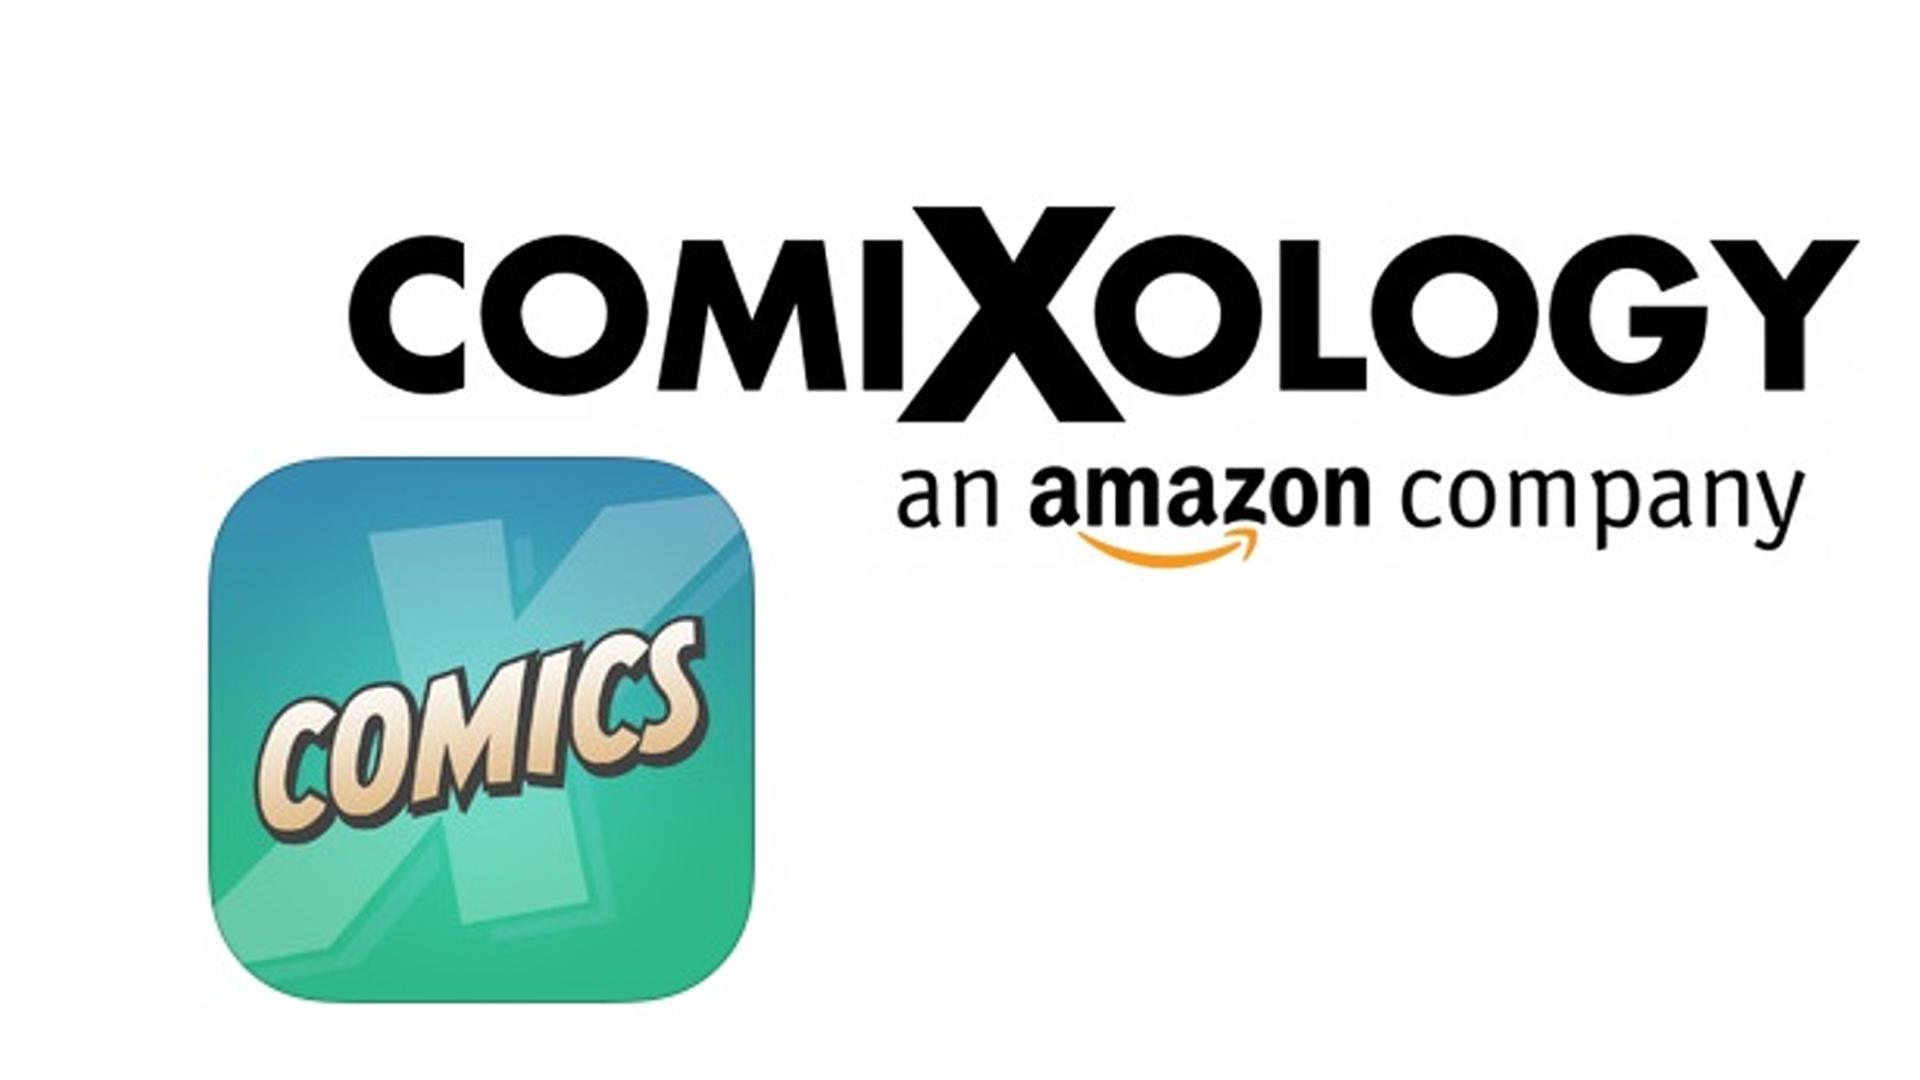 Amazon steigt in den Markt gedruckter Comics ein